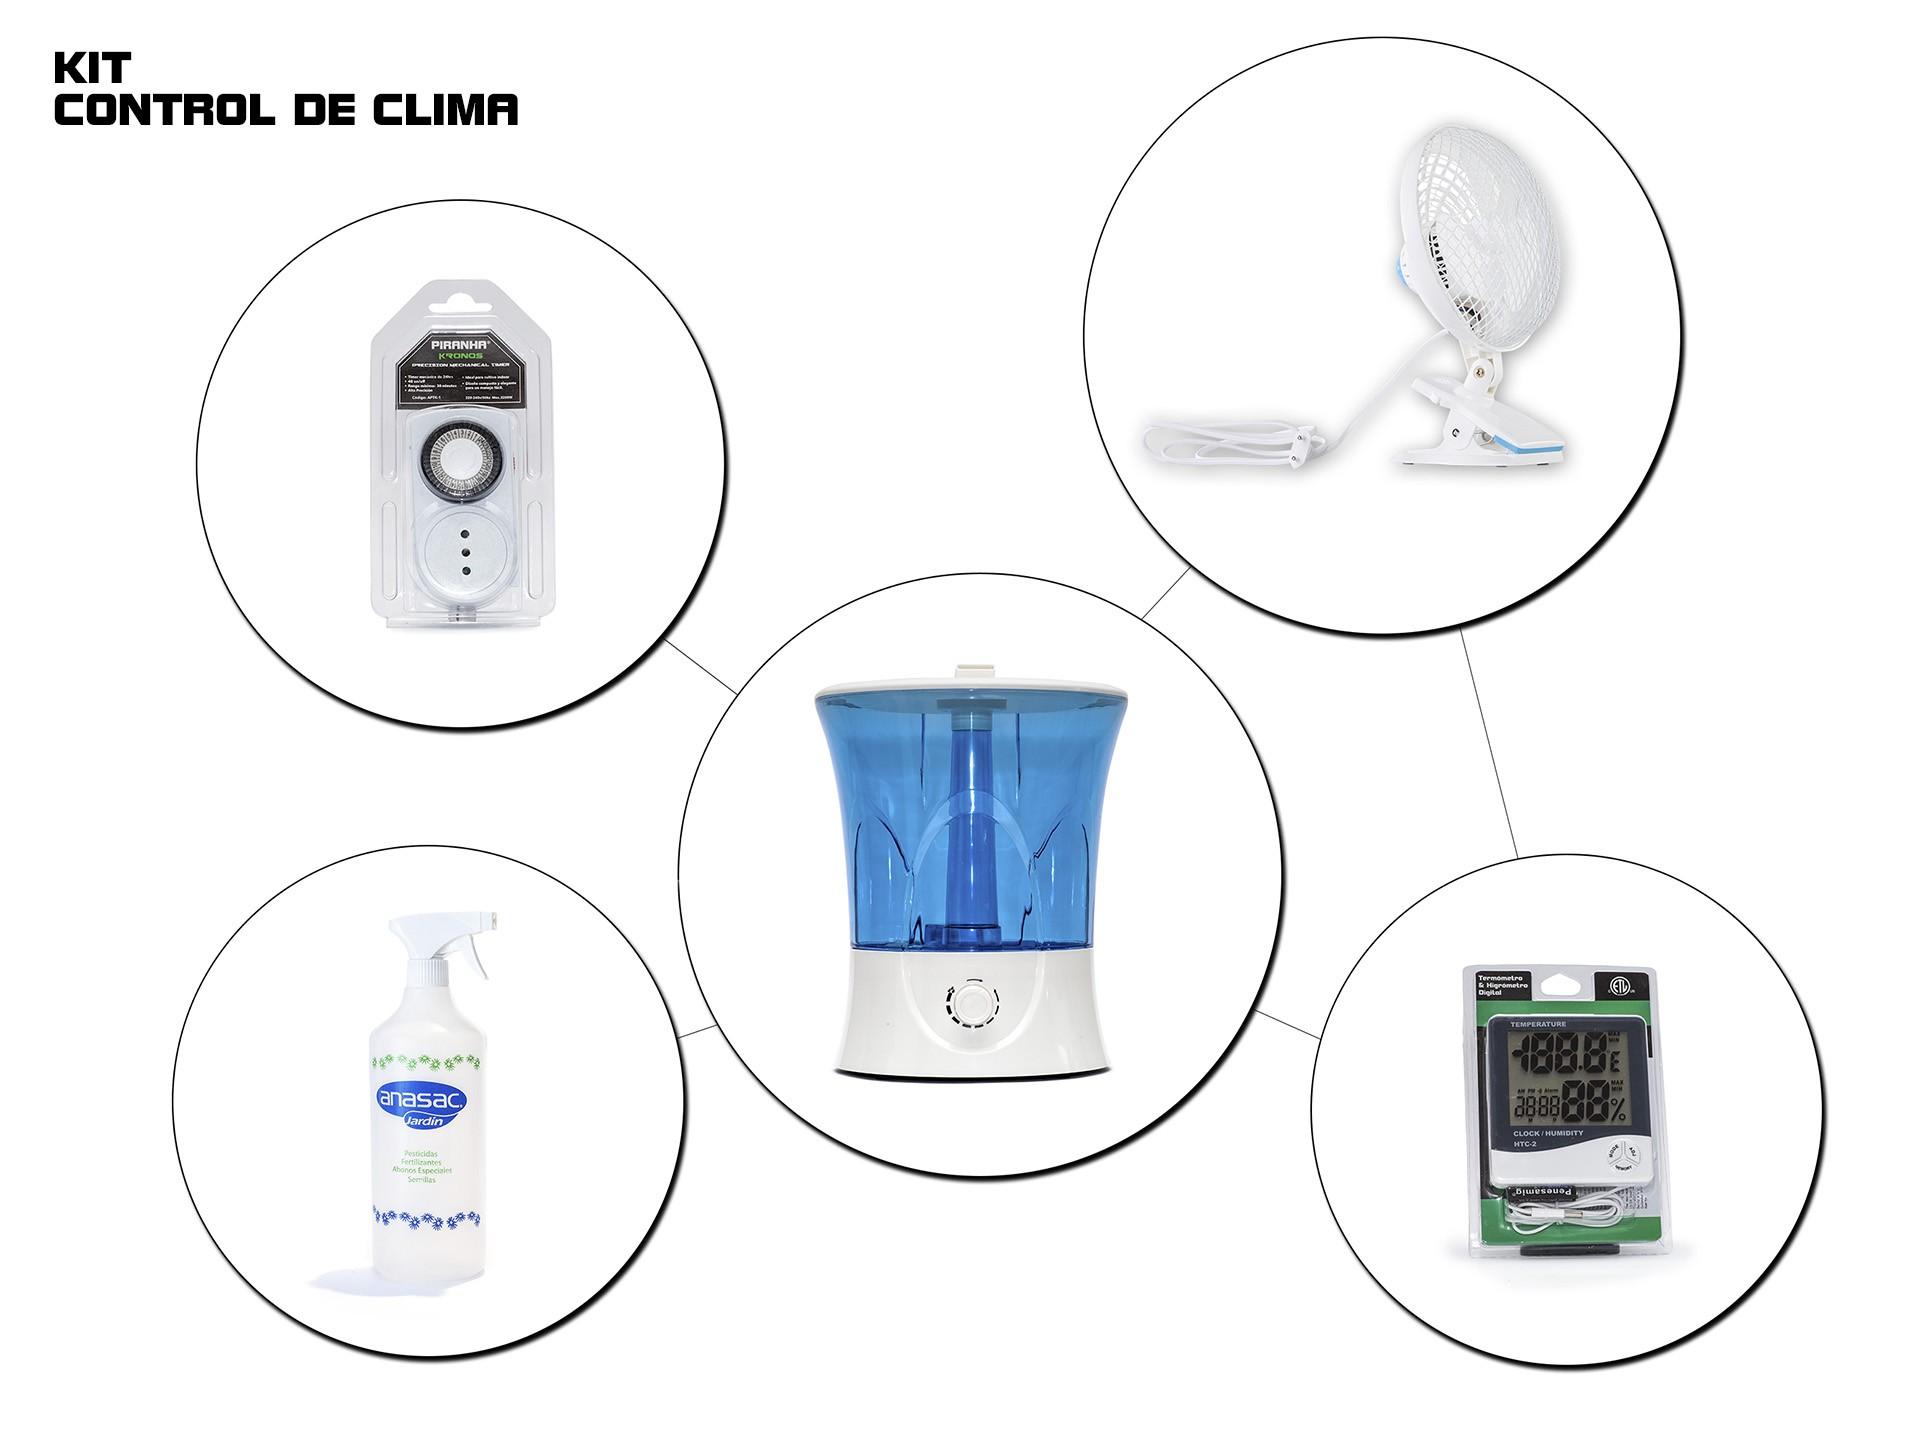 Kit Control de Clima